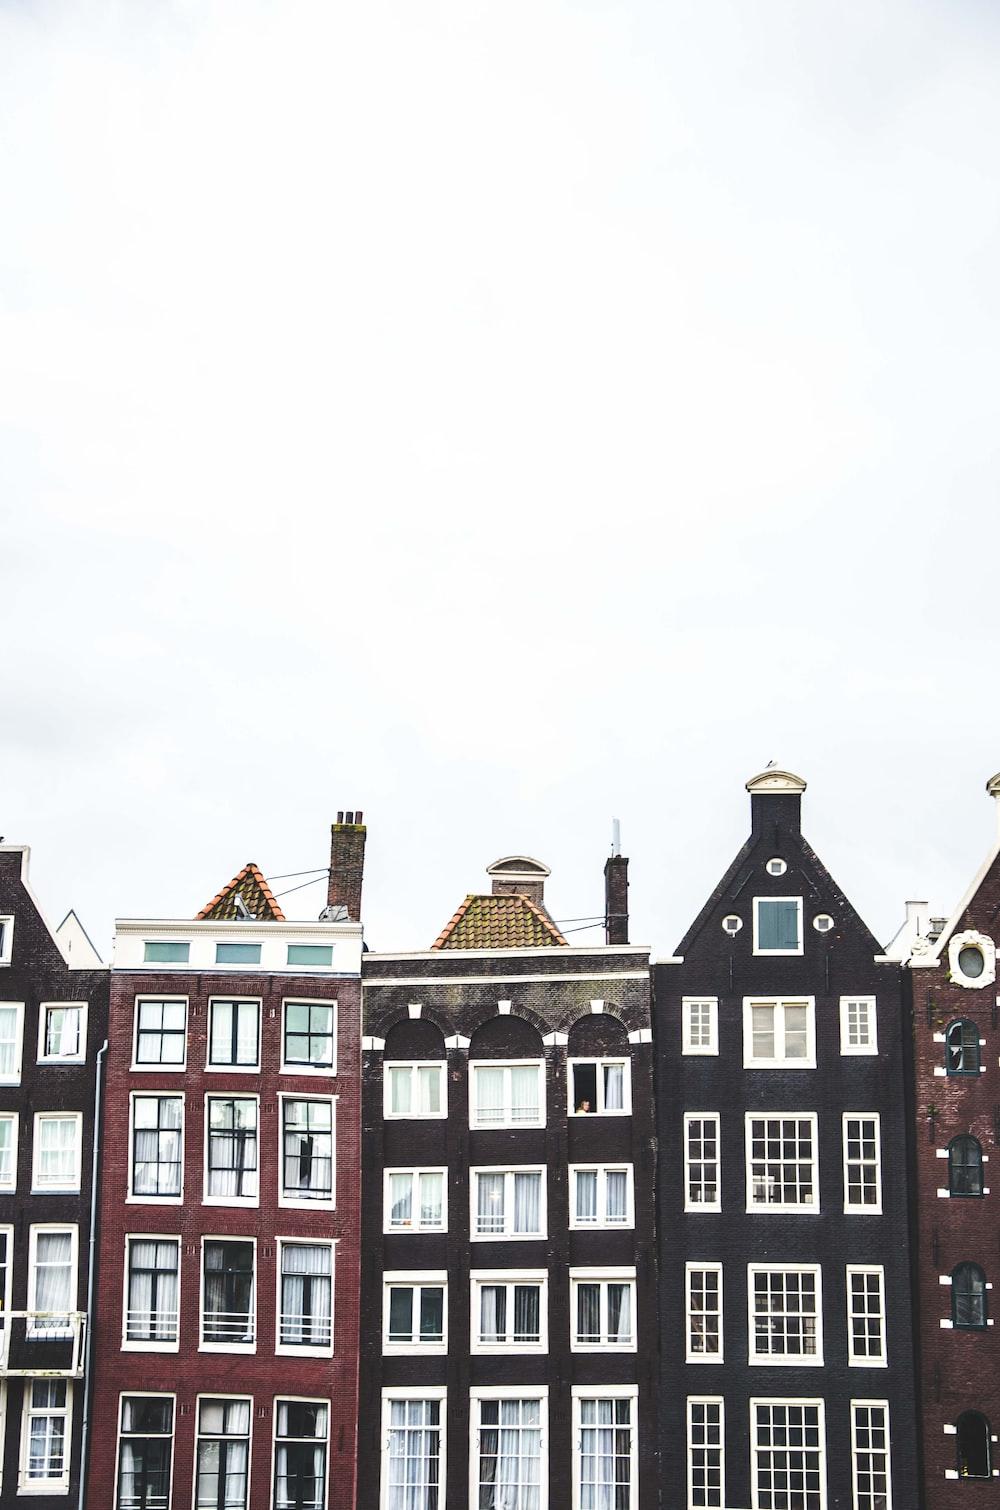 black and maroon buildings